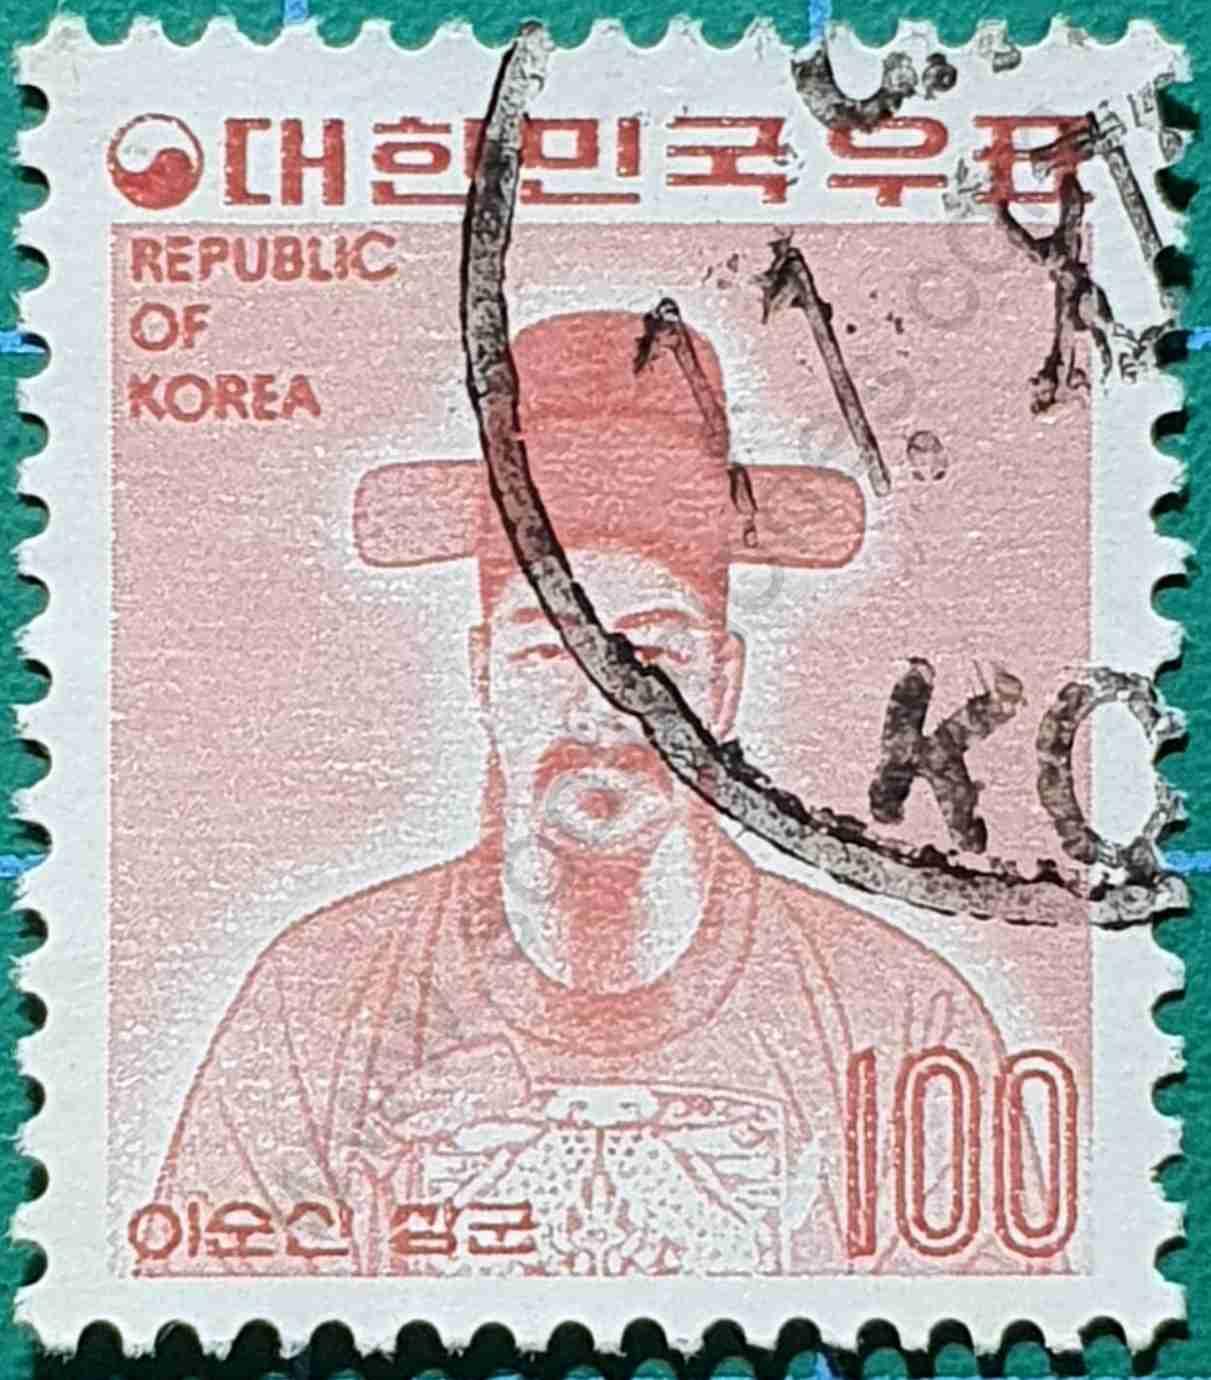 Yi Sun-sin - sello Corea del Sur 1975